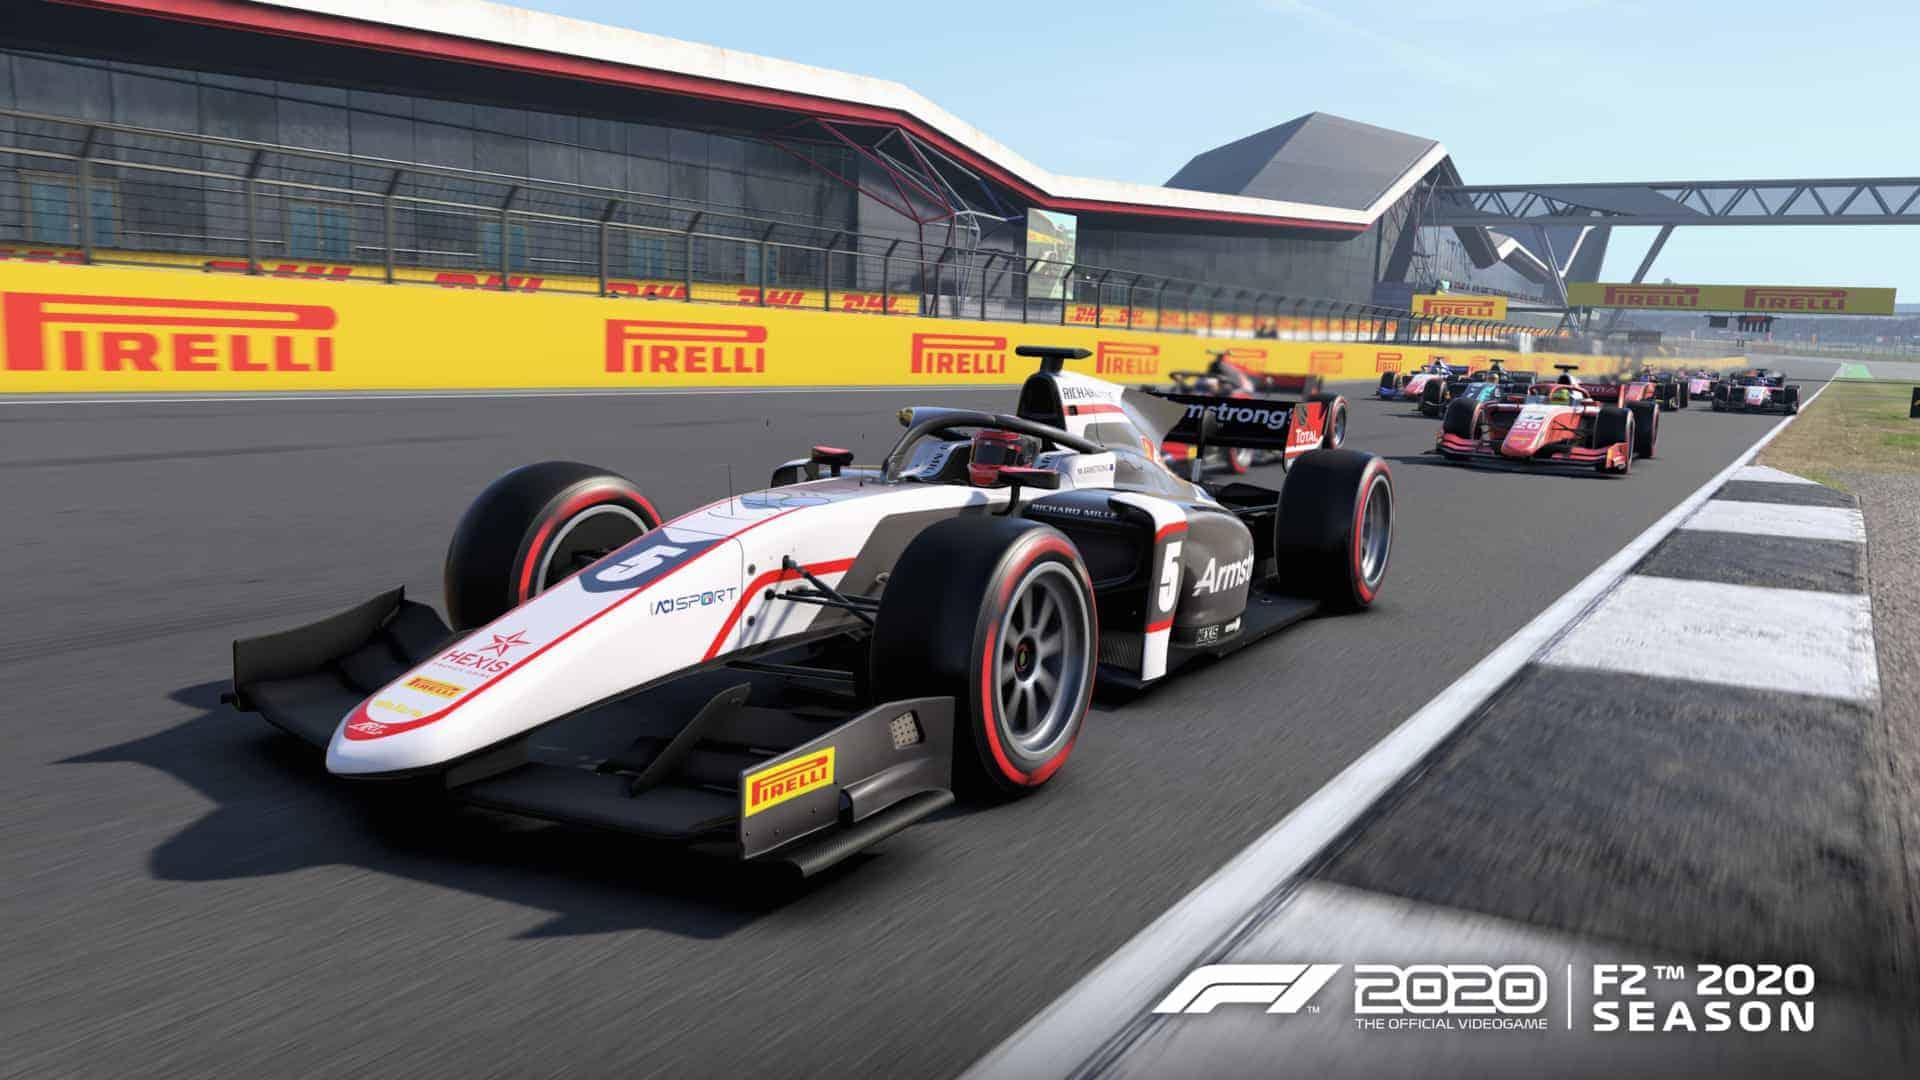 F1 2020 F2 Update 05